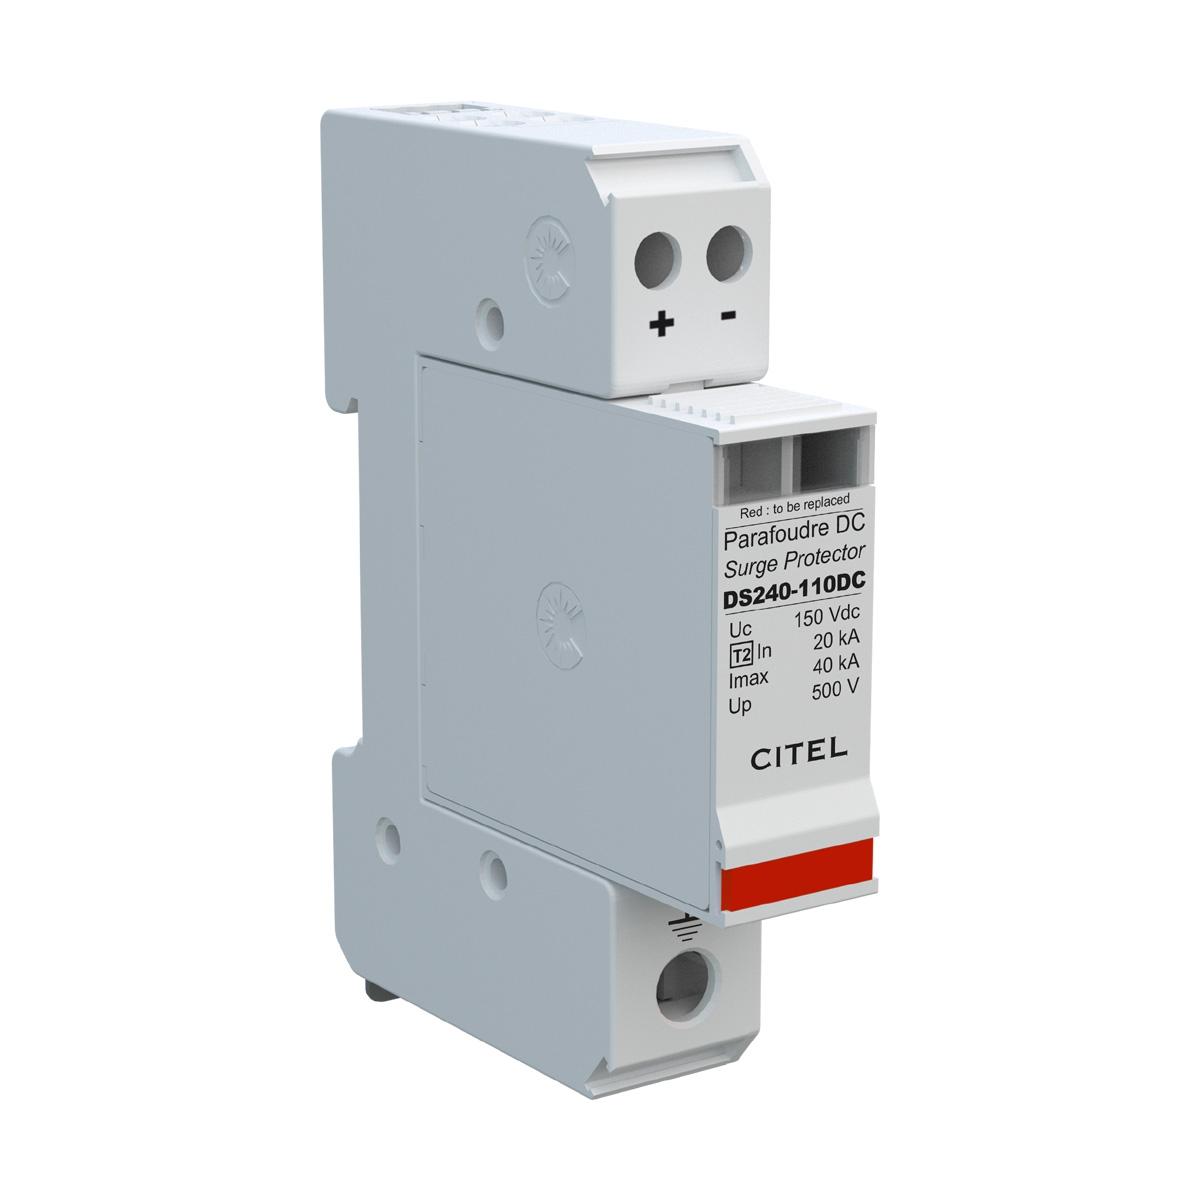 Citel DS240-110DC - PV Überspannungsschutz